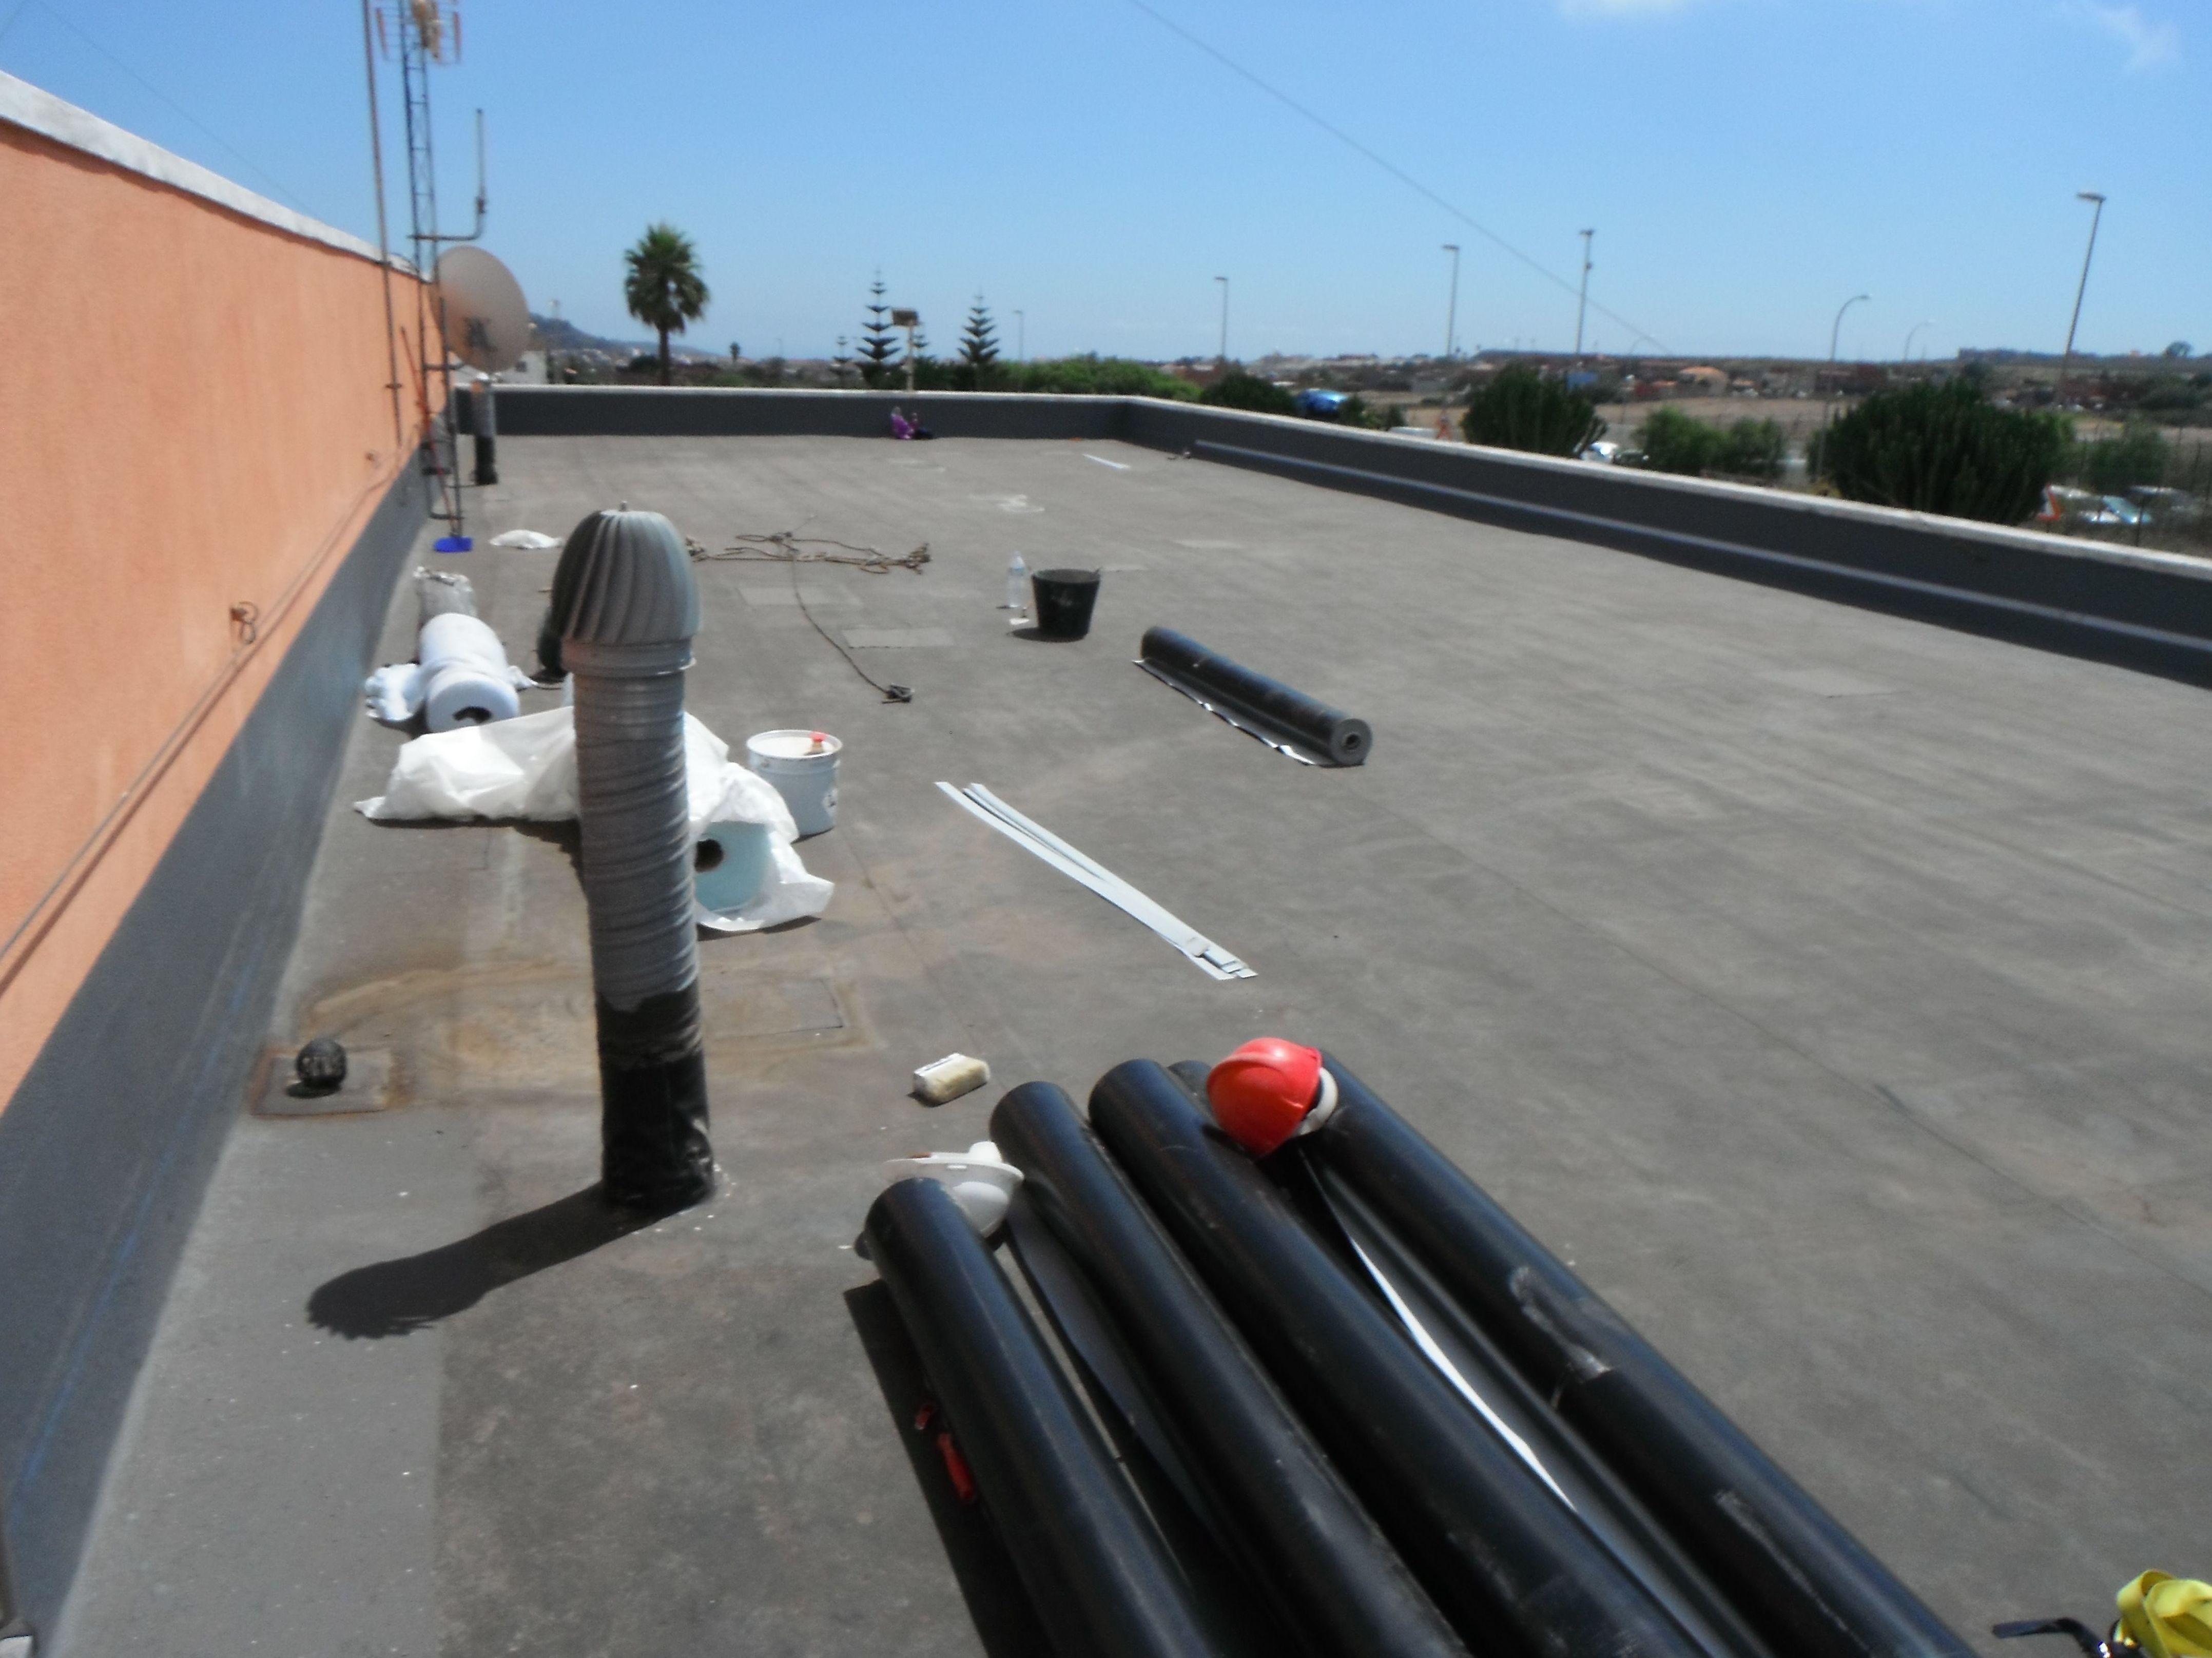 Reimpermeabilizacion con Pvc interprete central eléctrica aeropuerto los Rodeos